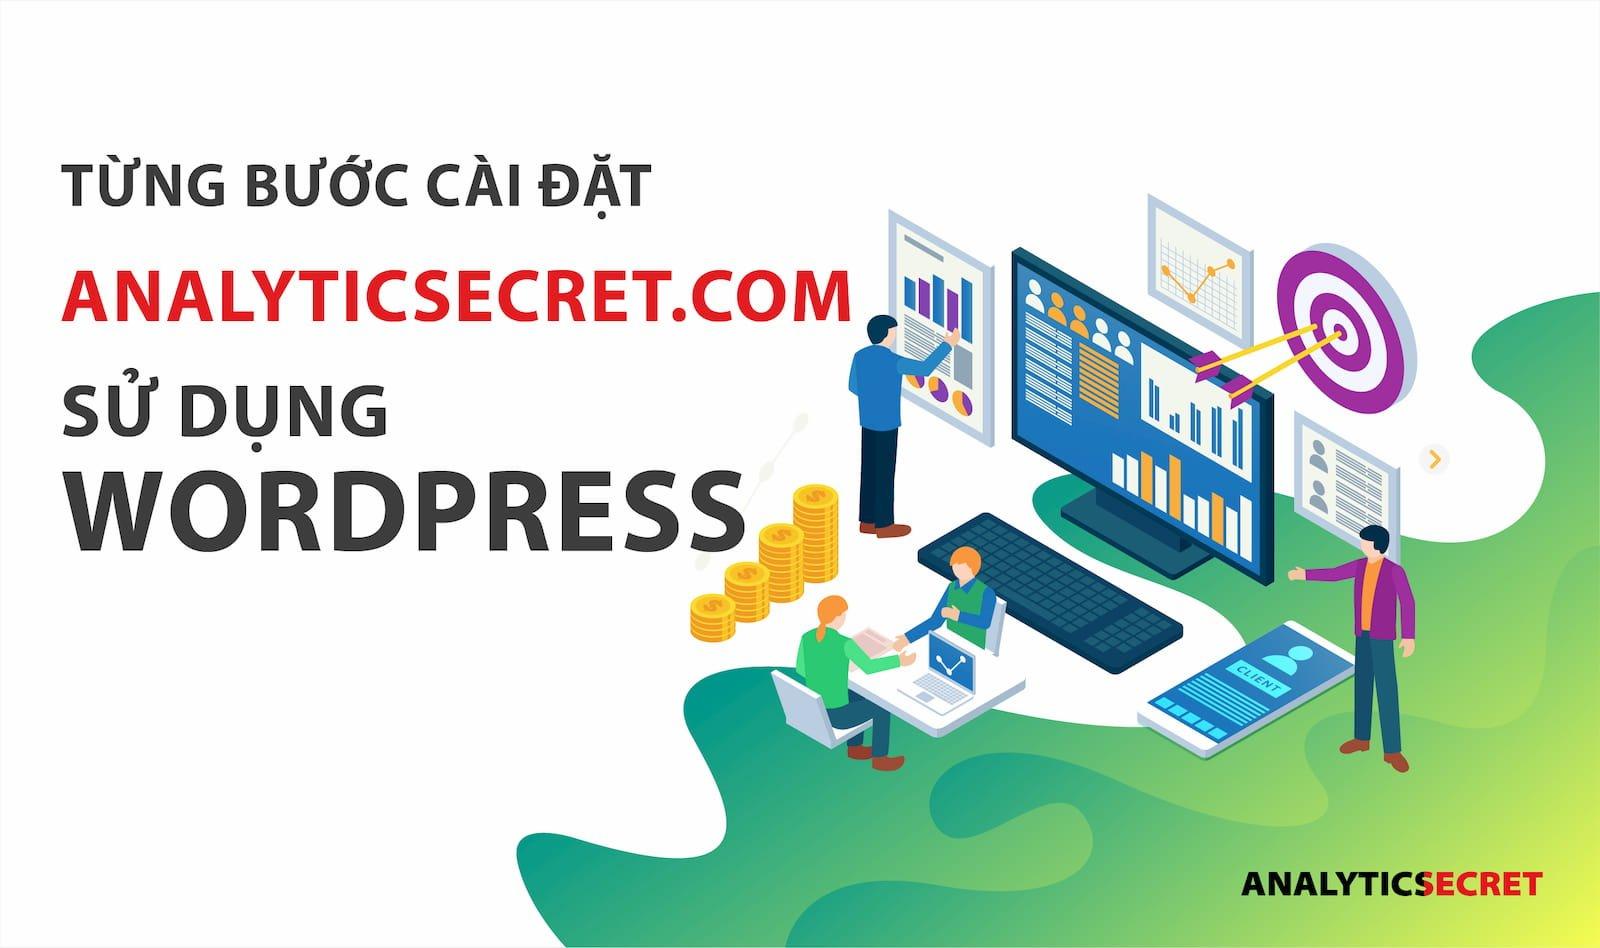 Từng bước cài đặt Analyticsecret.com bằng wordpress-02